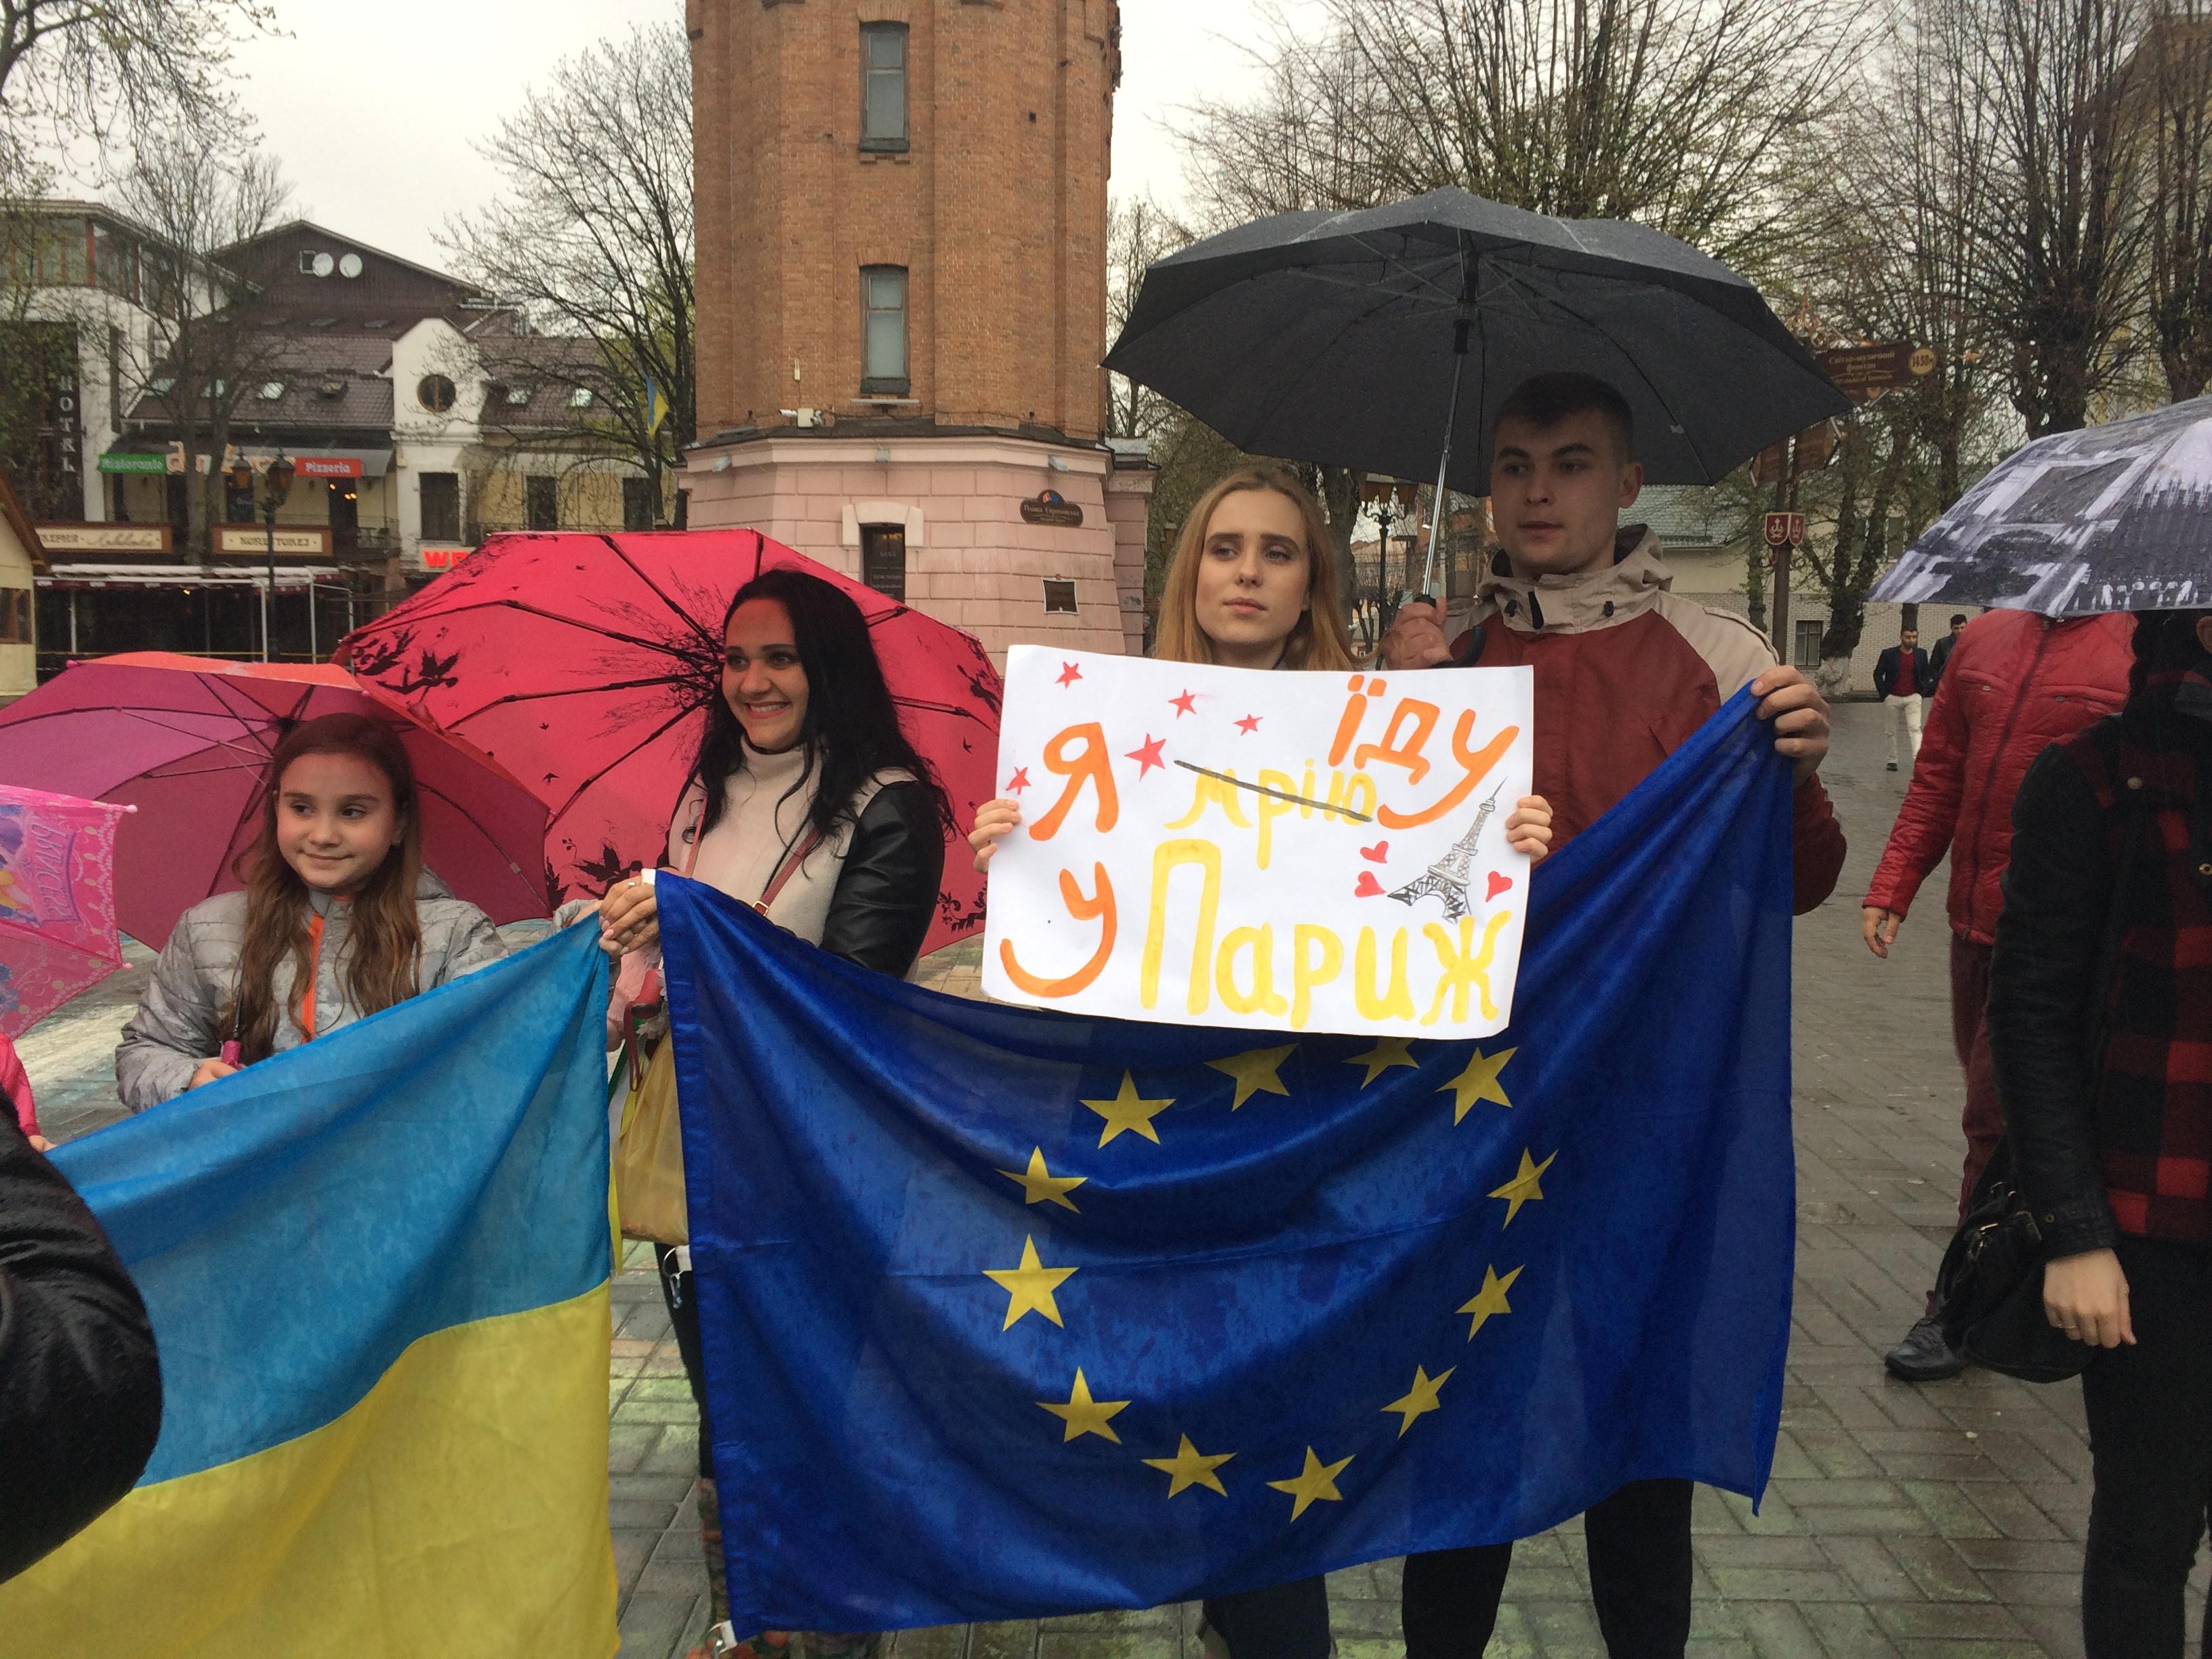 Дощ безвізу не завада: попри зливу біля вежі зібралася молодь святкувати рішення Європарламенту. ФОТО